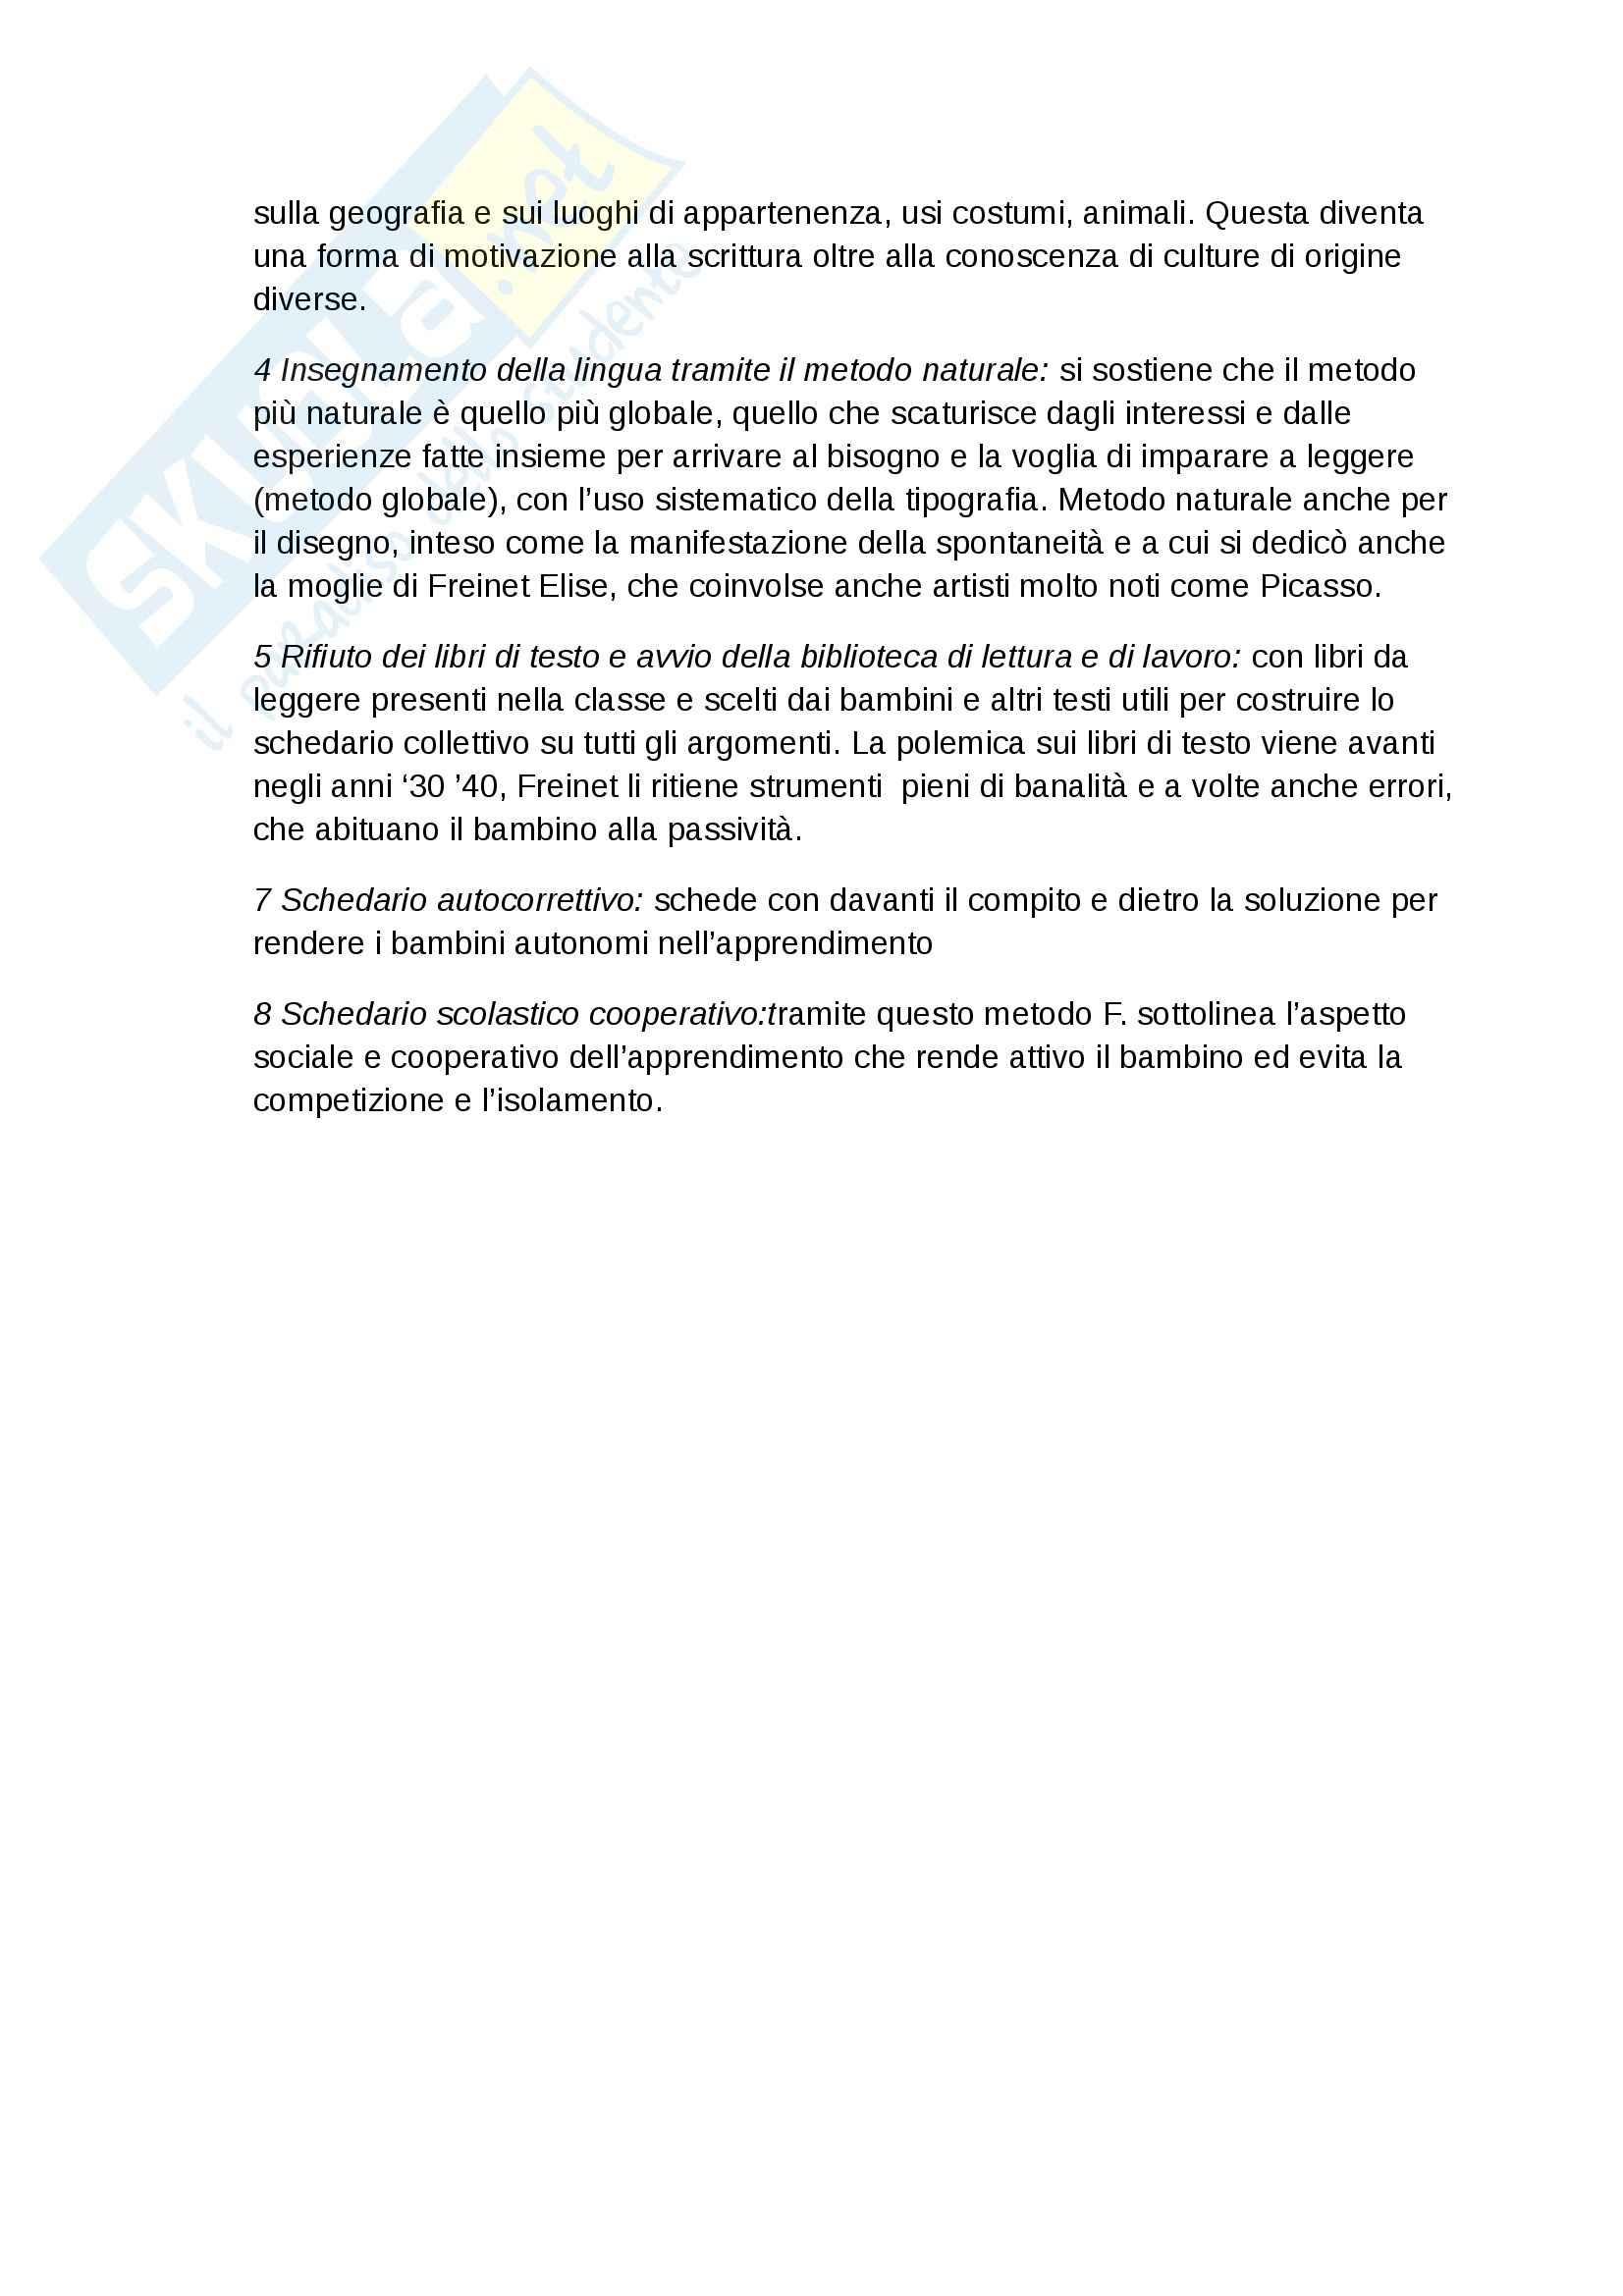 Storia dell'educazione -  attivismo pedagogico e autori salienti in Europa Pag. 6